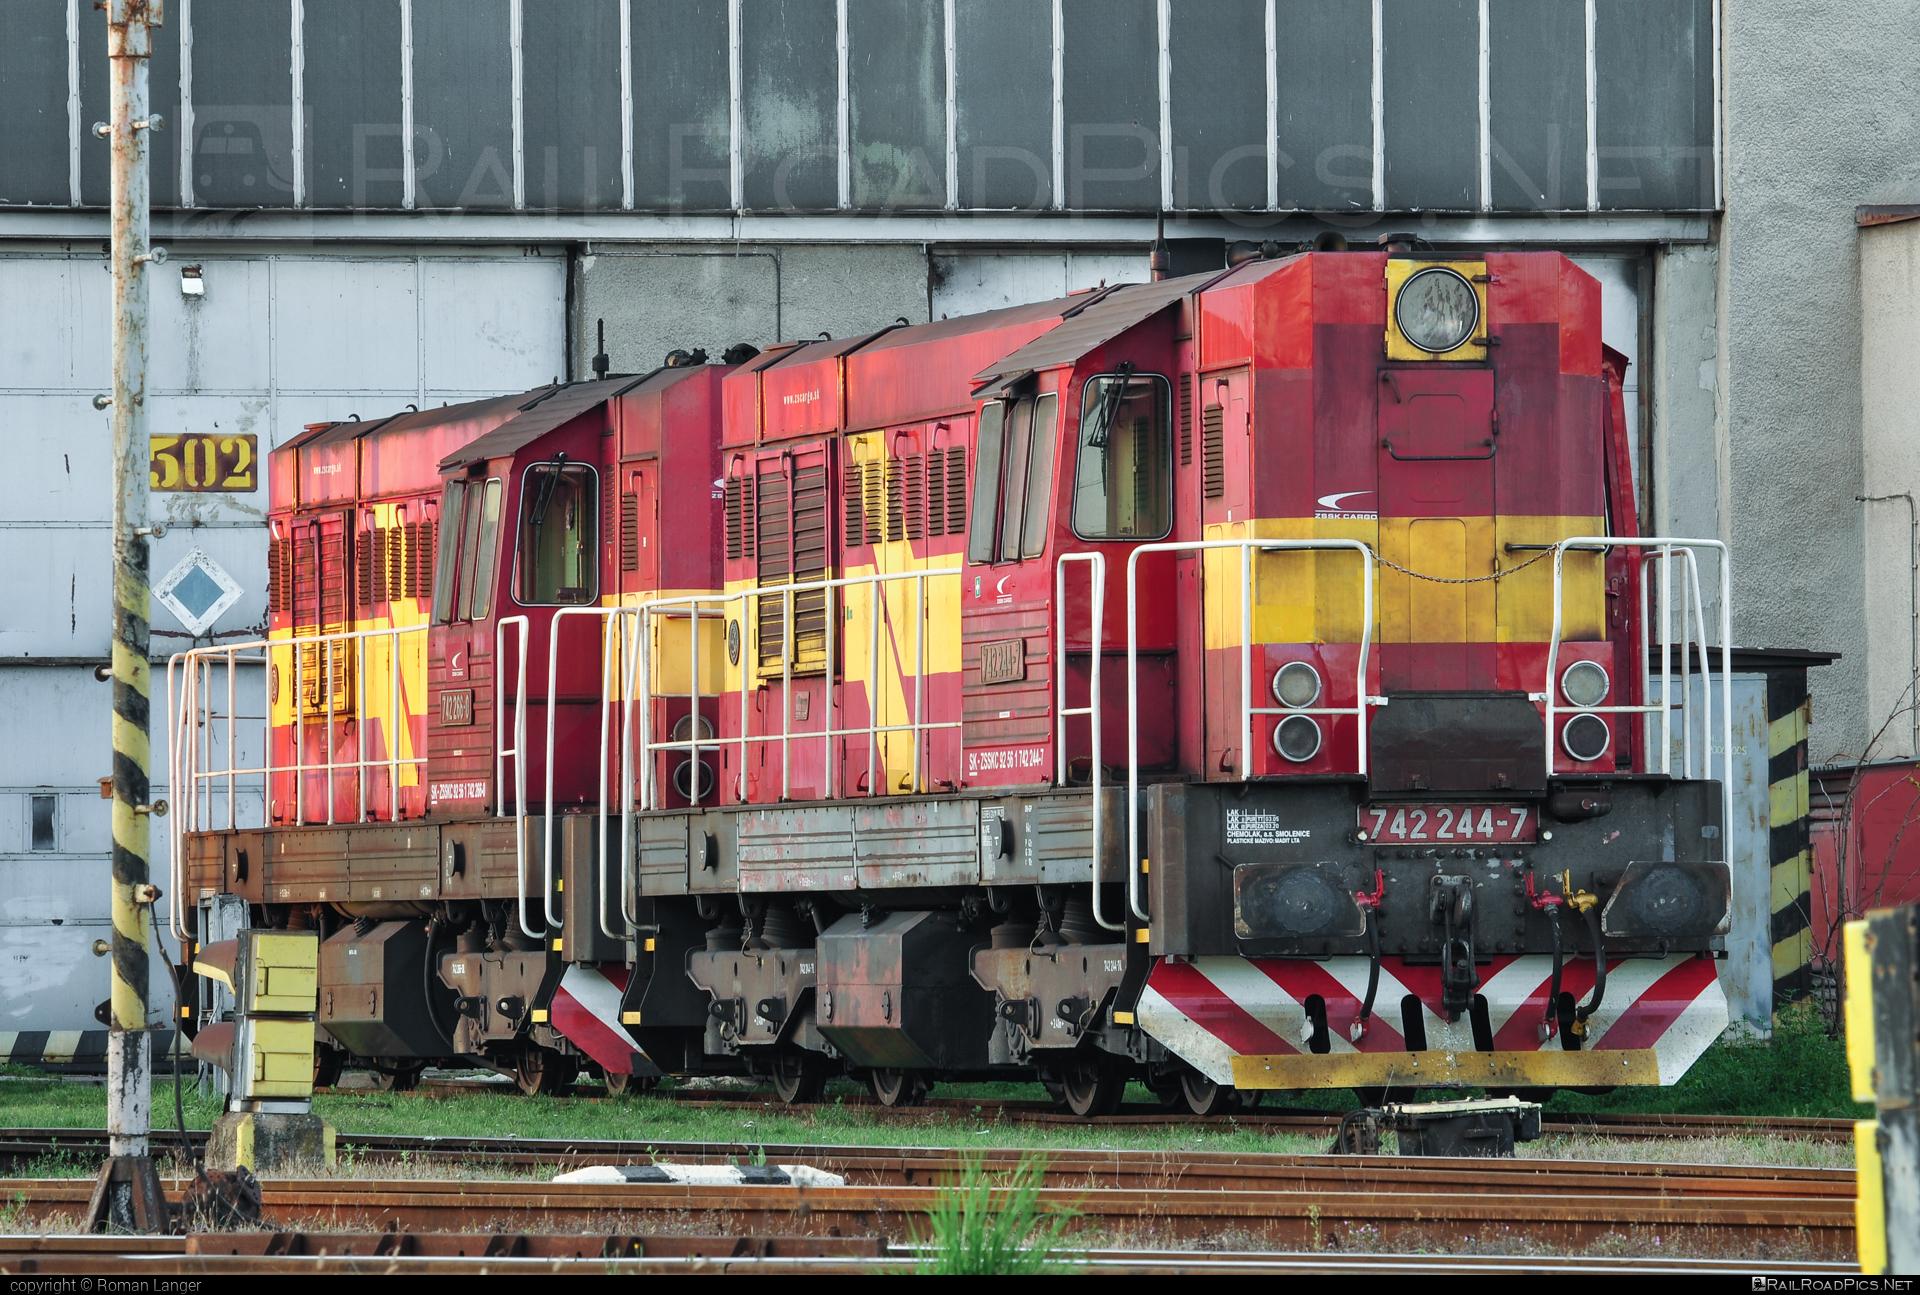 ČKD T 466.2 (742) - 742 244-7 operated by Železničná Spoločnost' Cargo Slovakia a.s. #ZeleznicnaSpolocnostCargoSlovakia #ckd #ckd4662 #ckd742 #ckdt4662 #kocur #zsskcargo